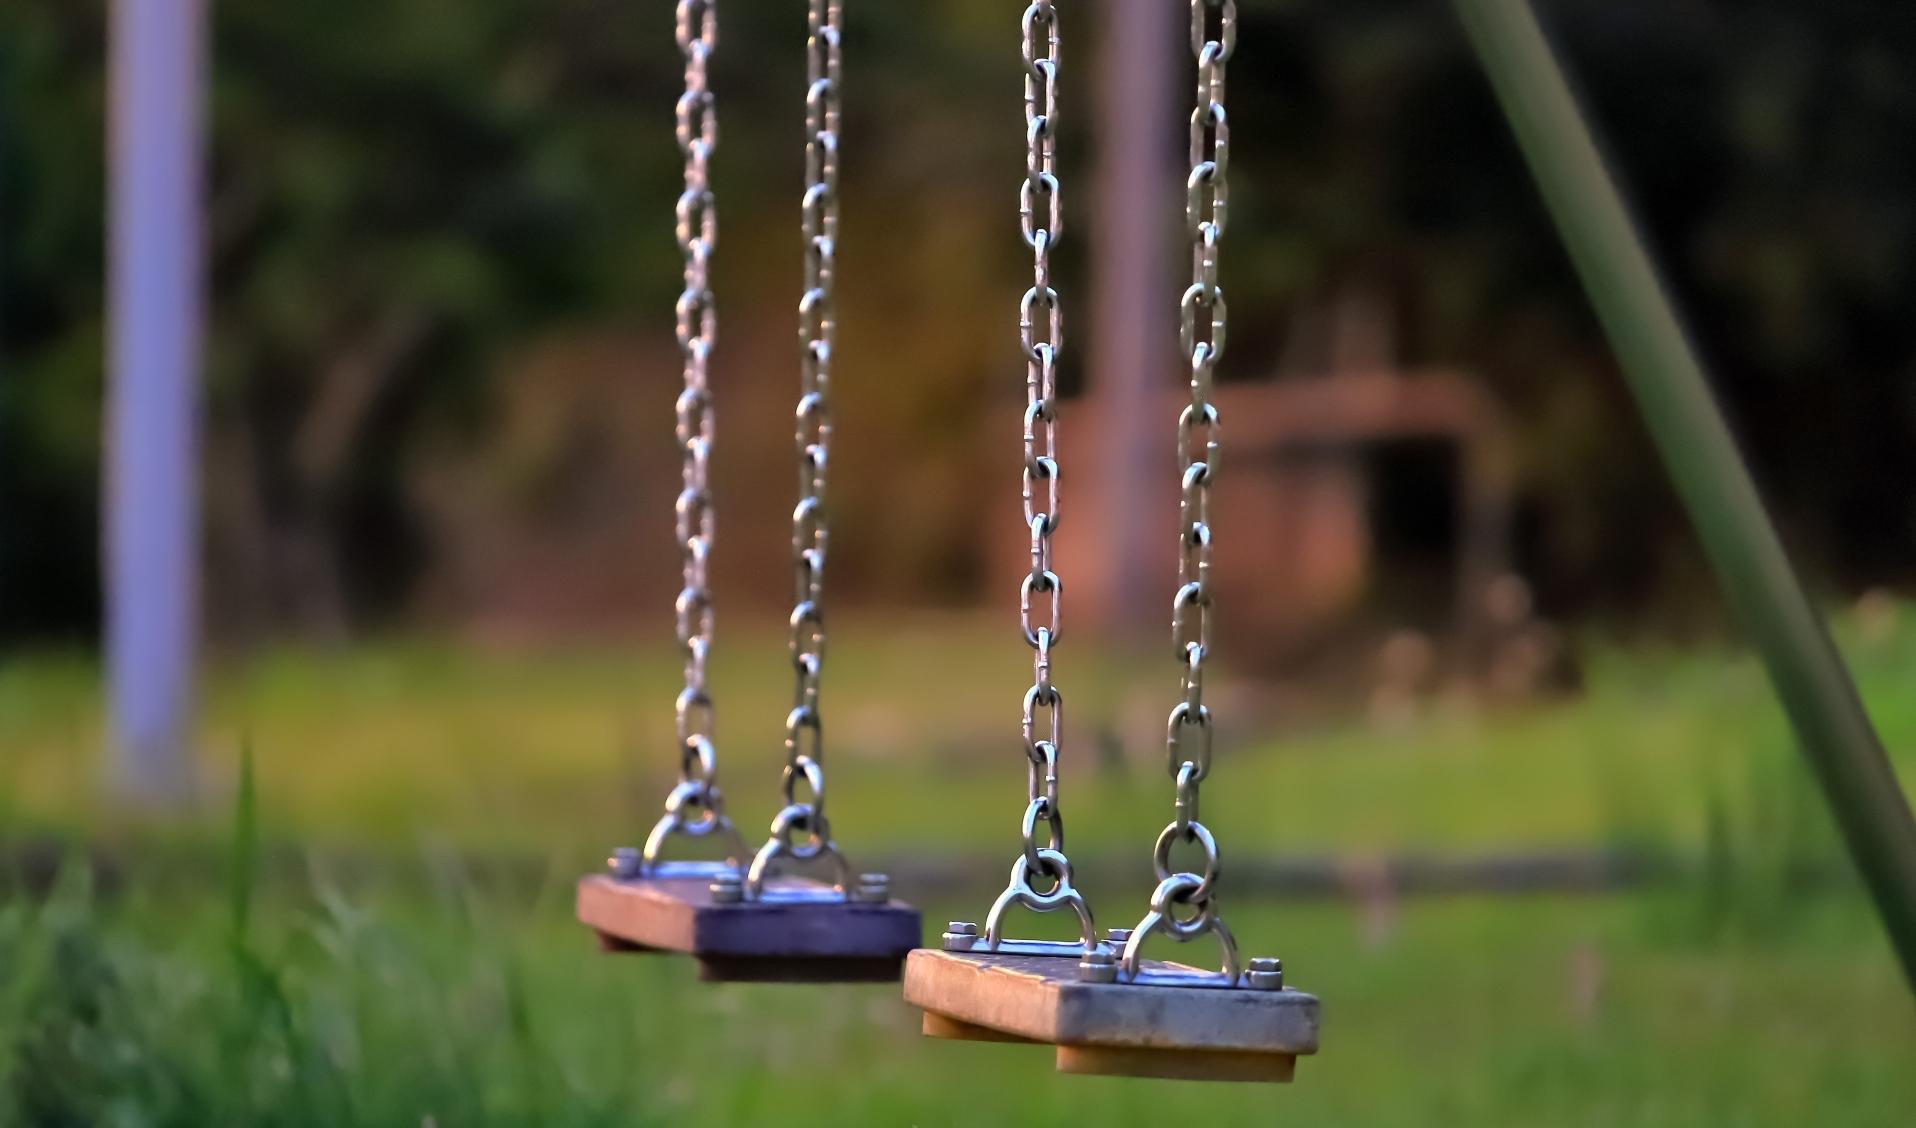 学校のコロナ対策で、遊具が使えないのはなぜ?【法的観点から解説】